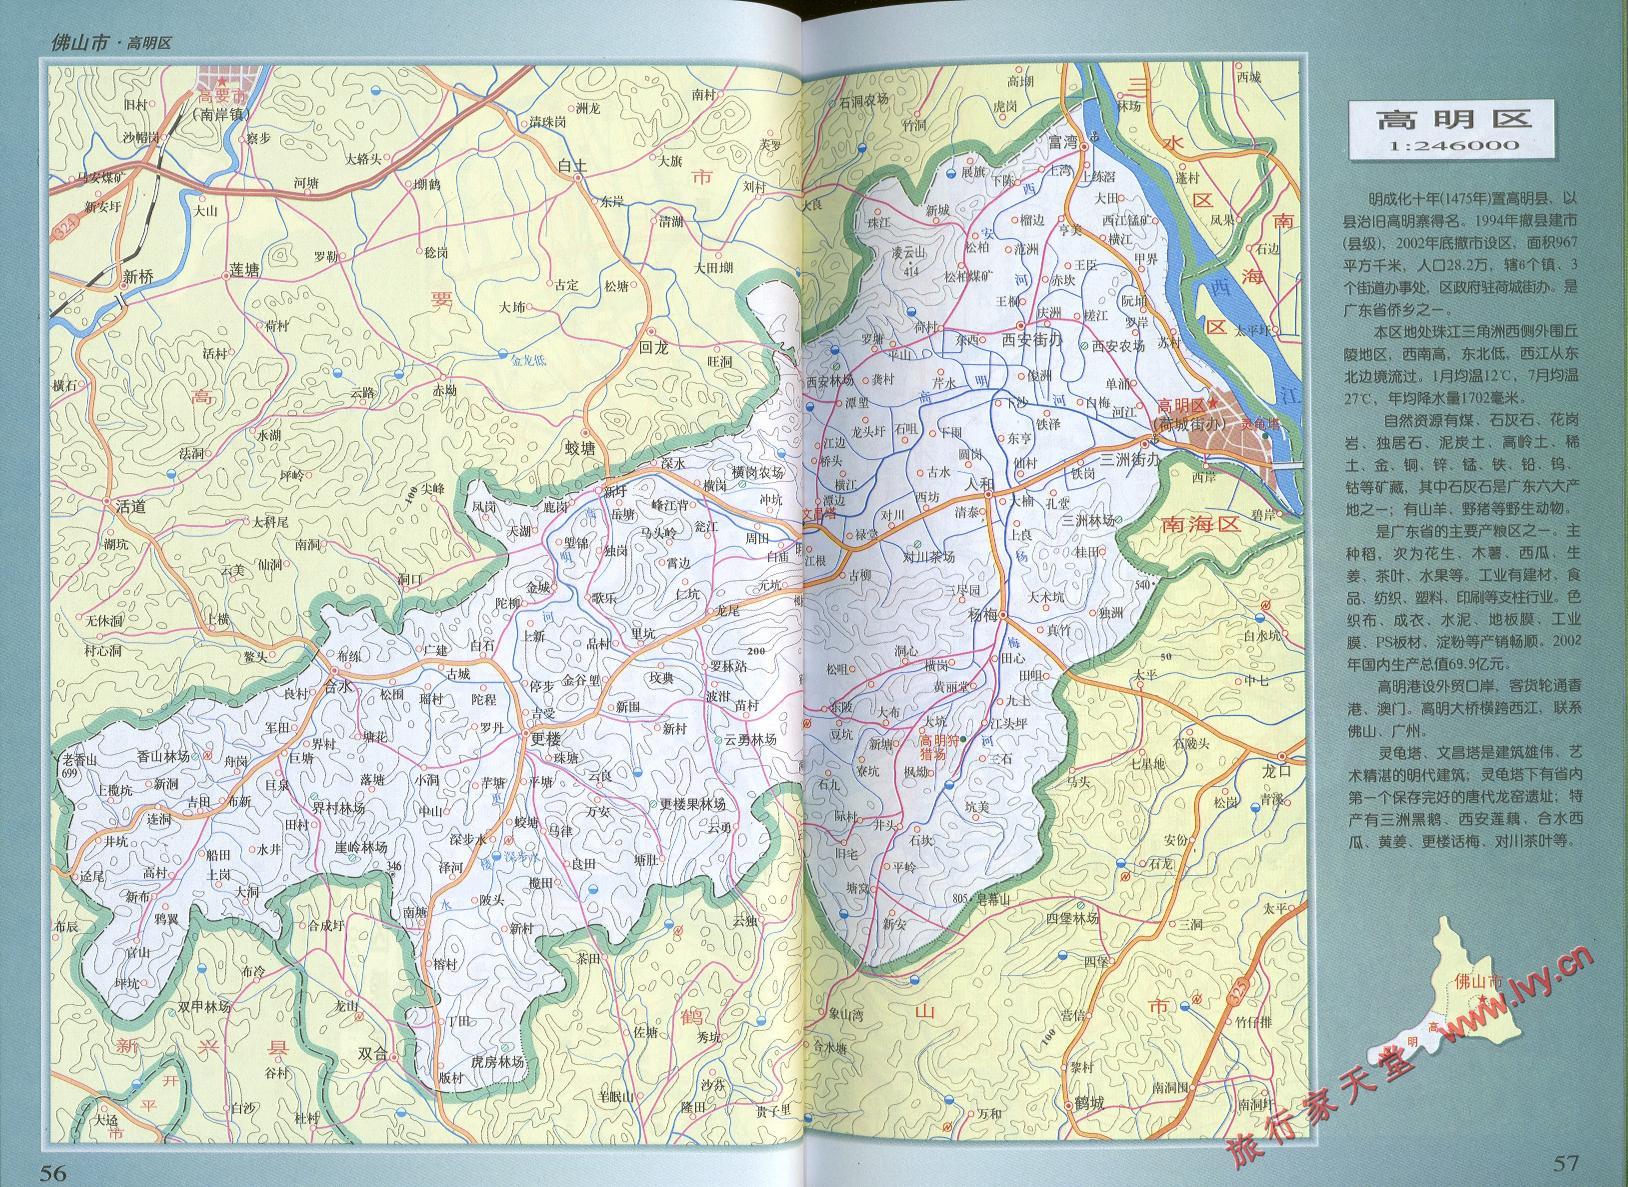 广东 佛山 佛山市高明区地图,最新佛山市高明区; 佛山市高明区地 图片